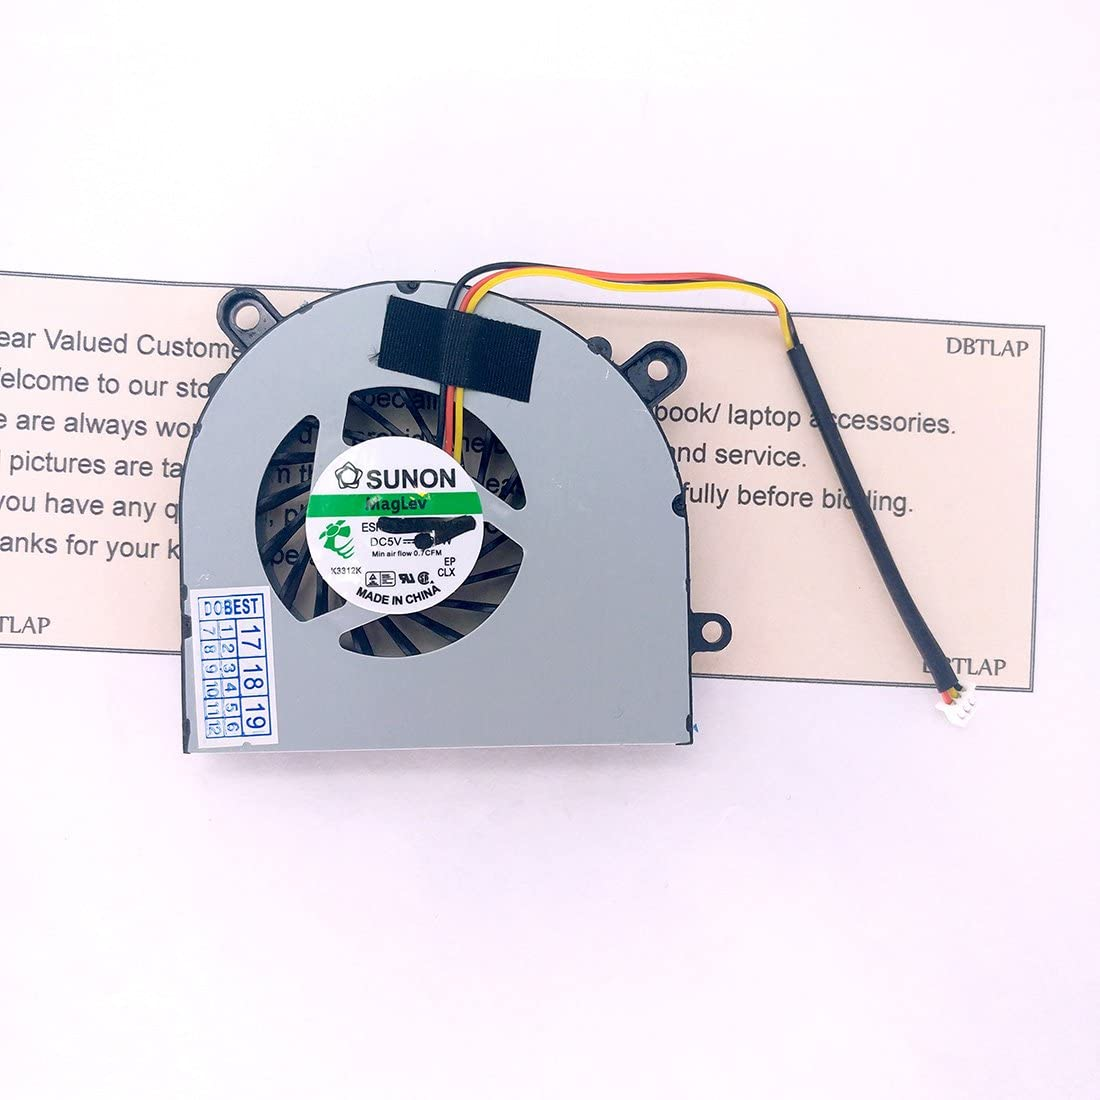 DBTLAP Laptop CPU Cooler Fan Compatible for MSI CX61 CR650 FX600 FX610 FX603 FX620 FX620DX GE620 GE620DX Compatible forCECON DFS451205M10T Fan